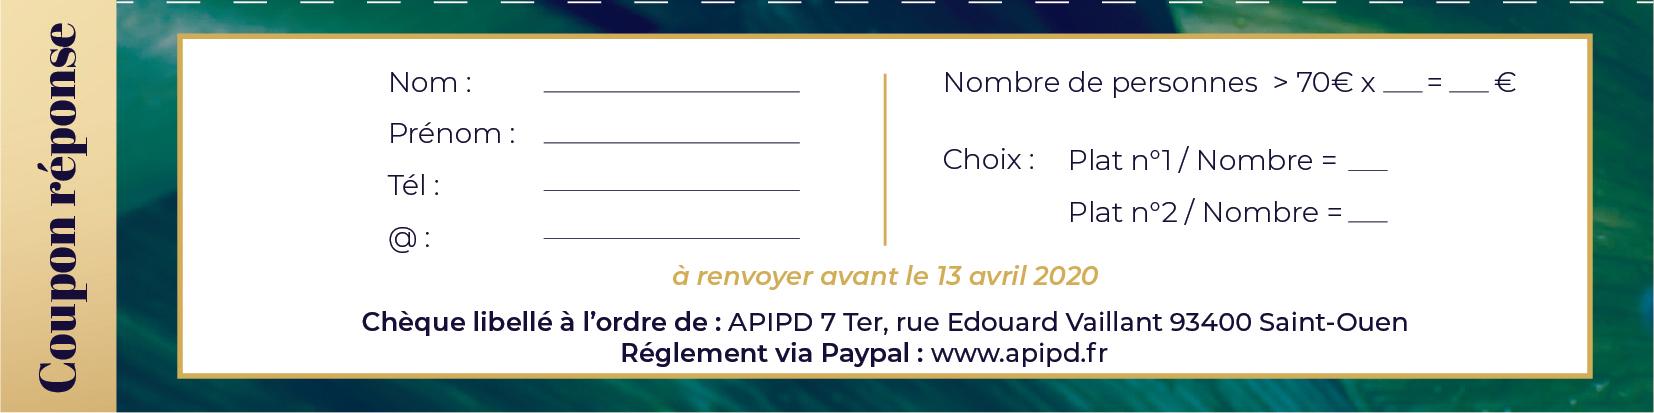 Coupon réponse du gala de charité de l'APIPD 2020